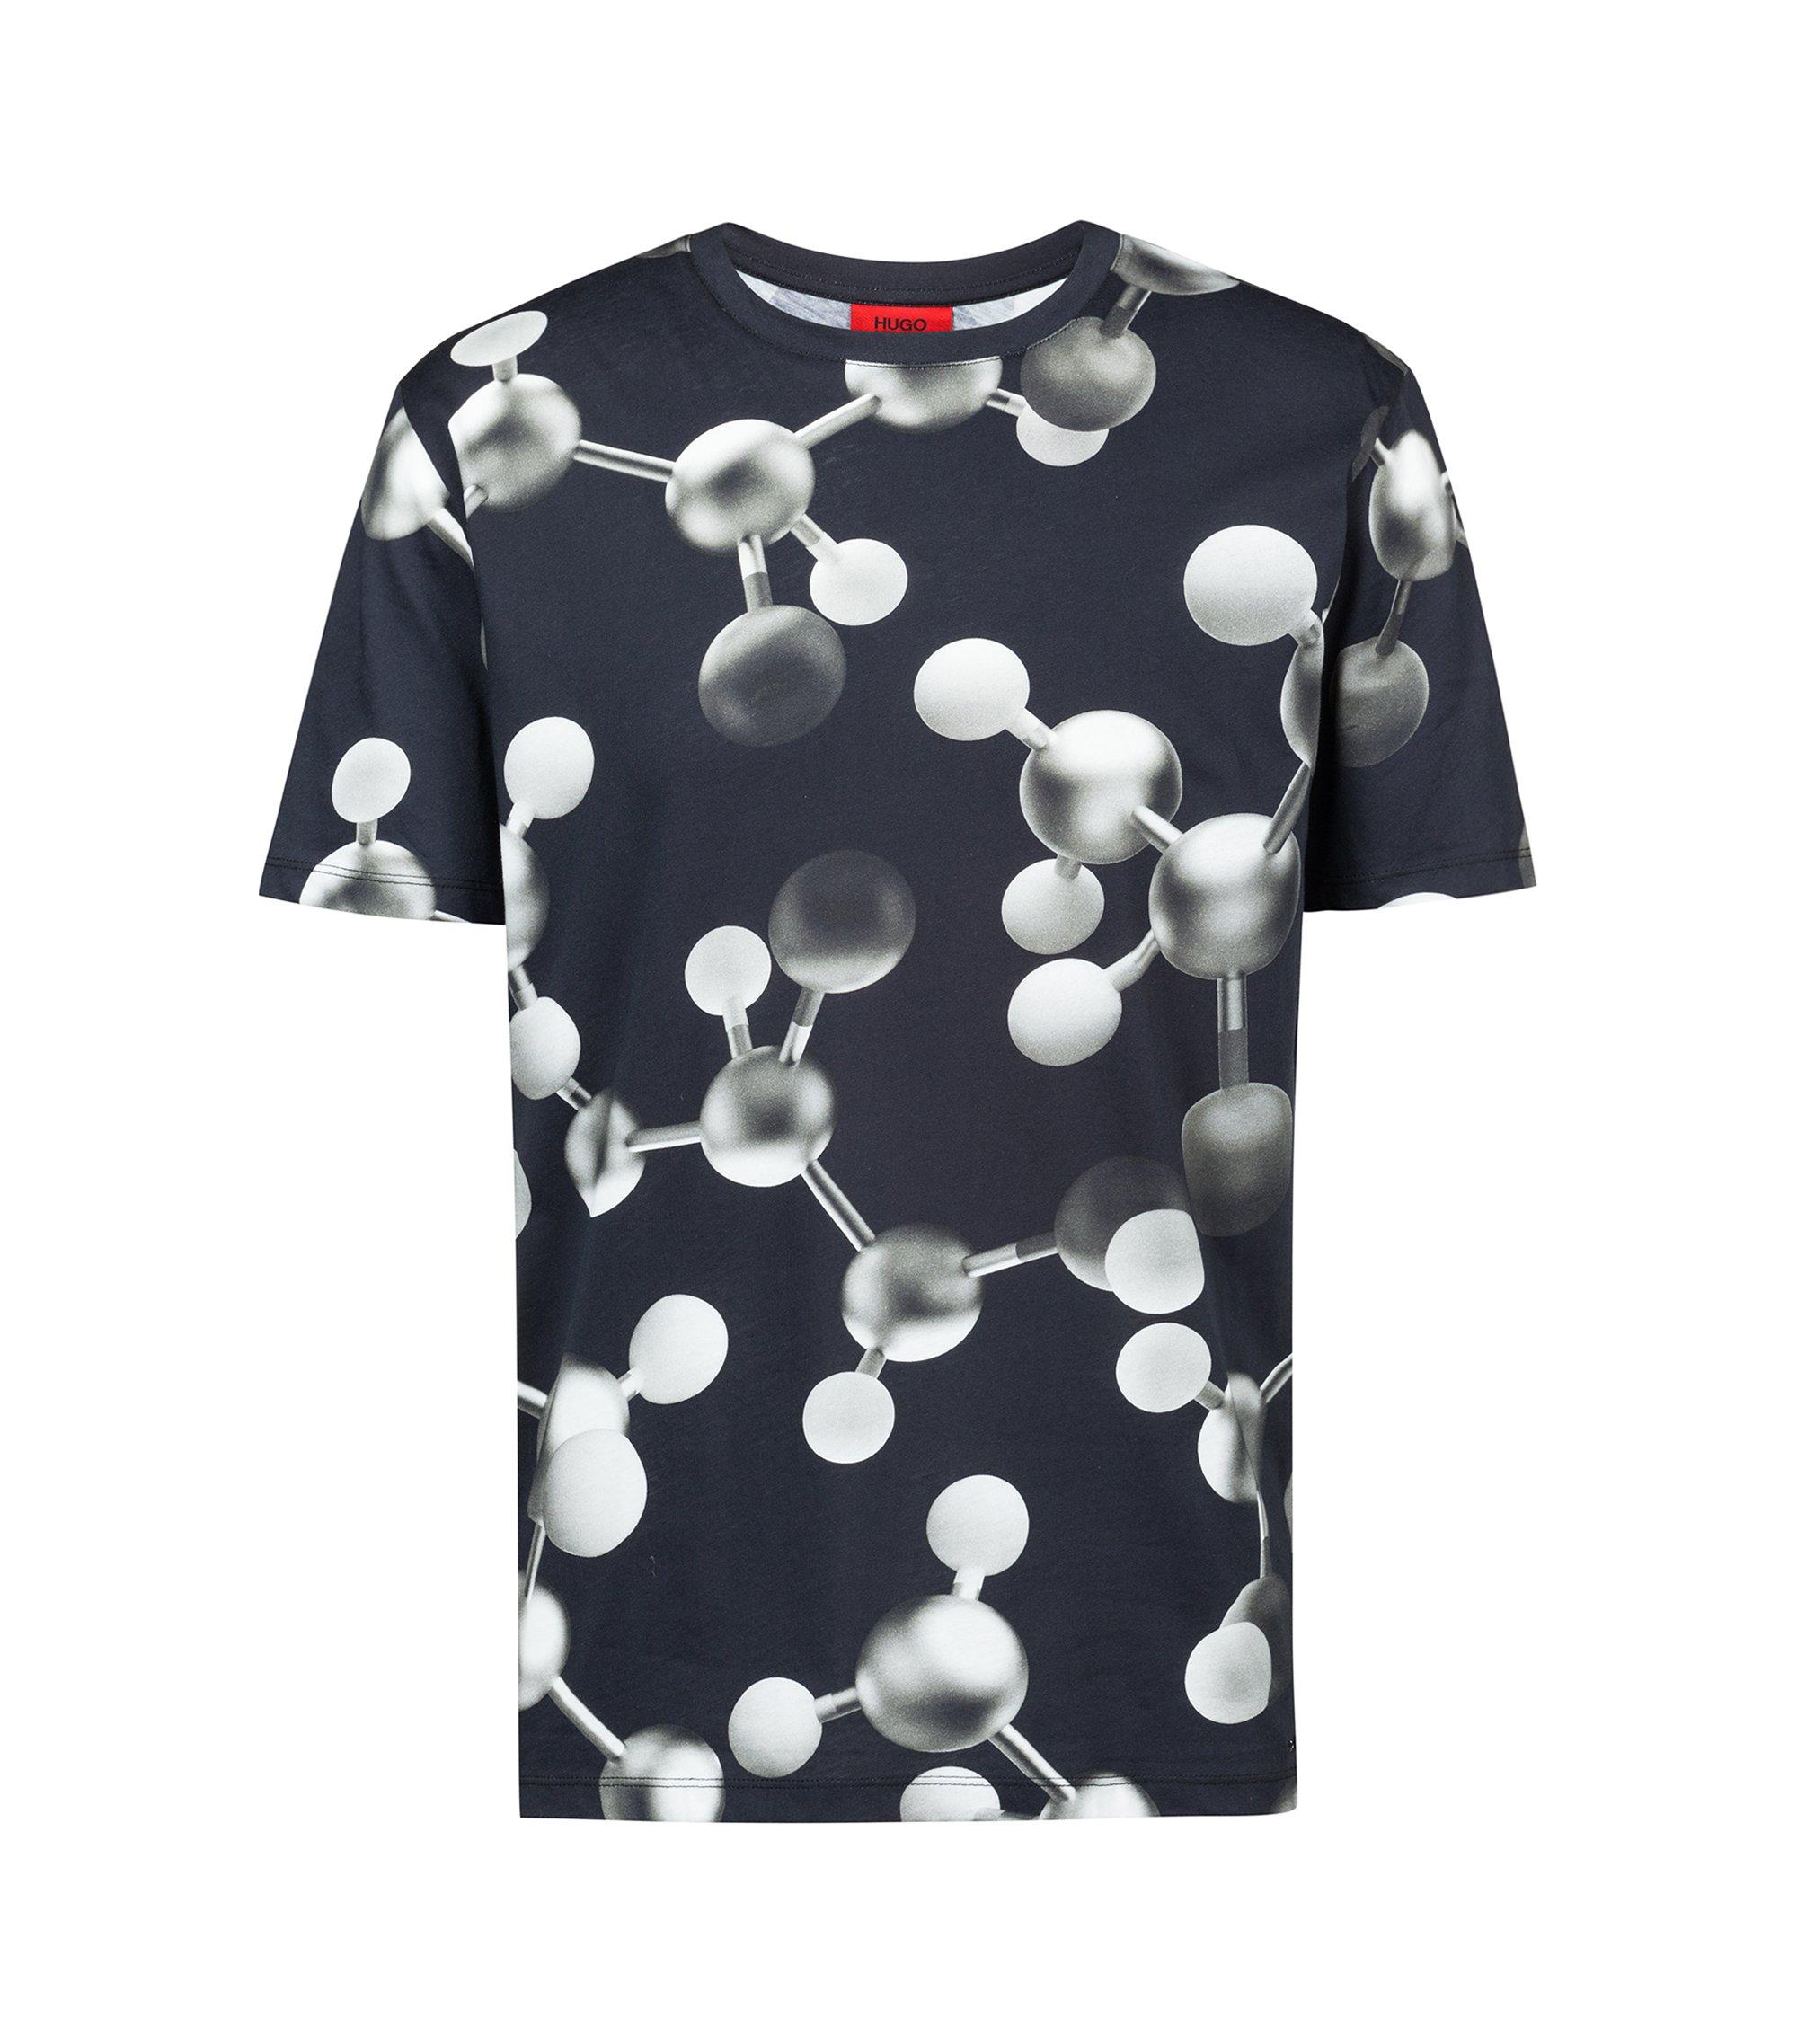 Camiseta en algodón con motivo atómico estampado y cuello redondo, Fantasía